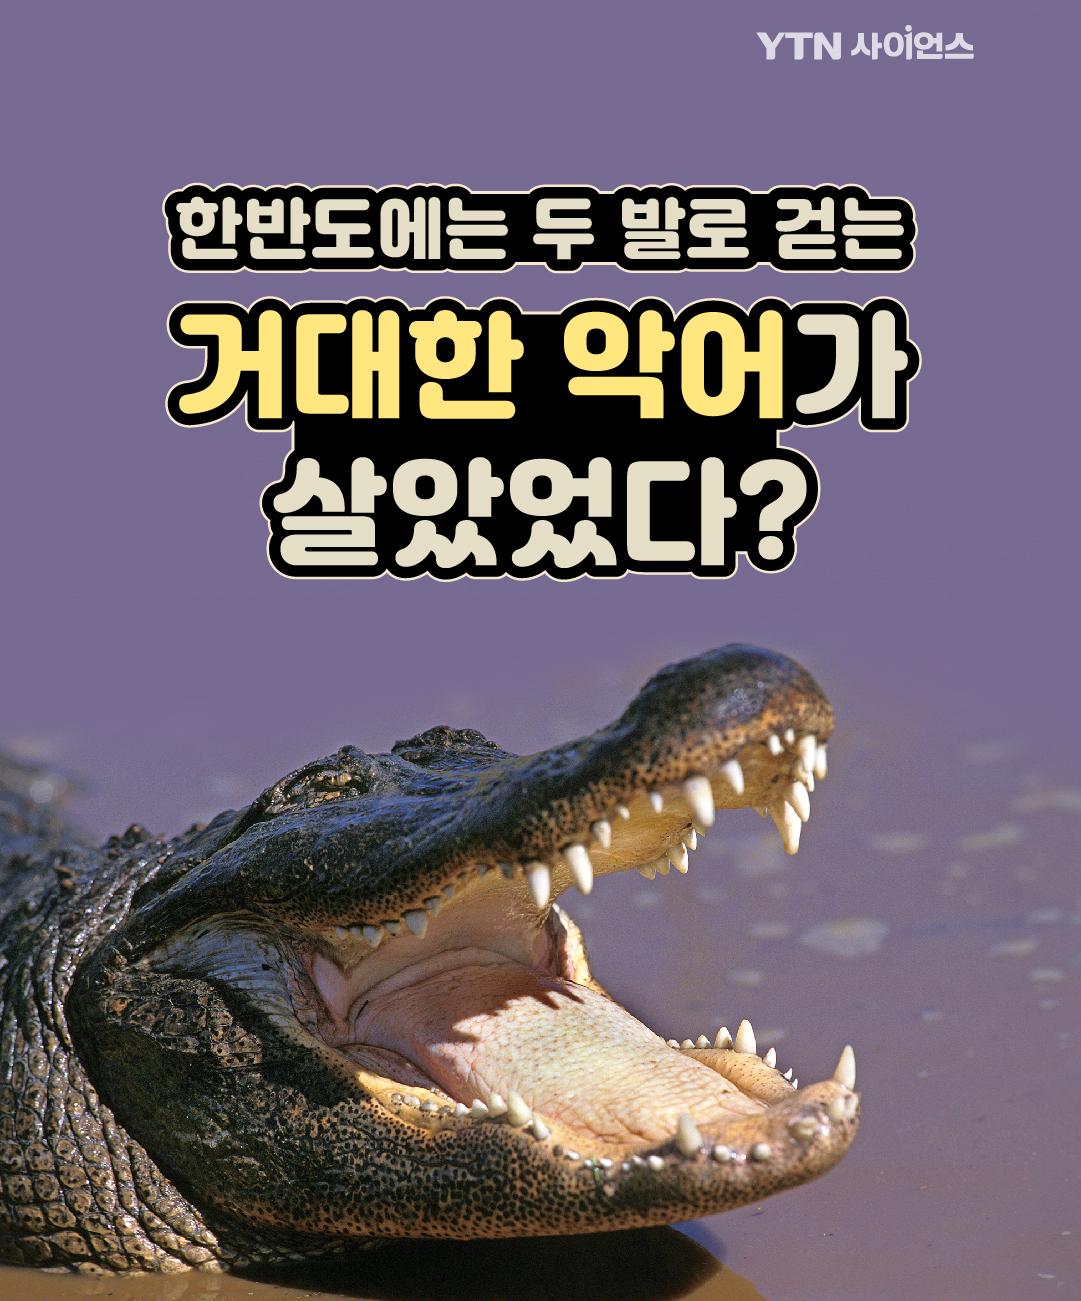 한반도에는 두 발로 걷는 거대한 악어가 살았었다? 이미지